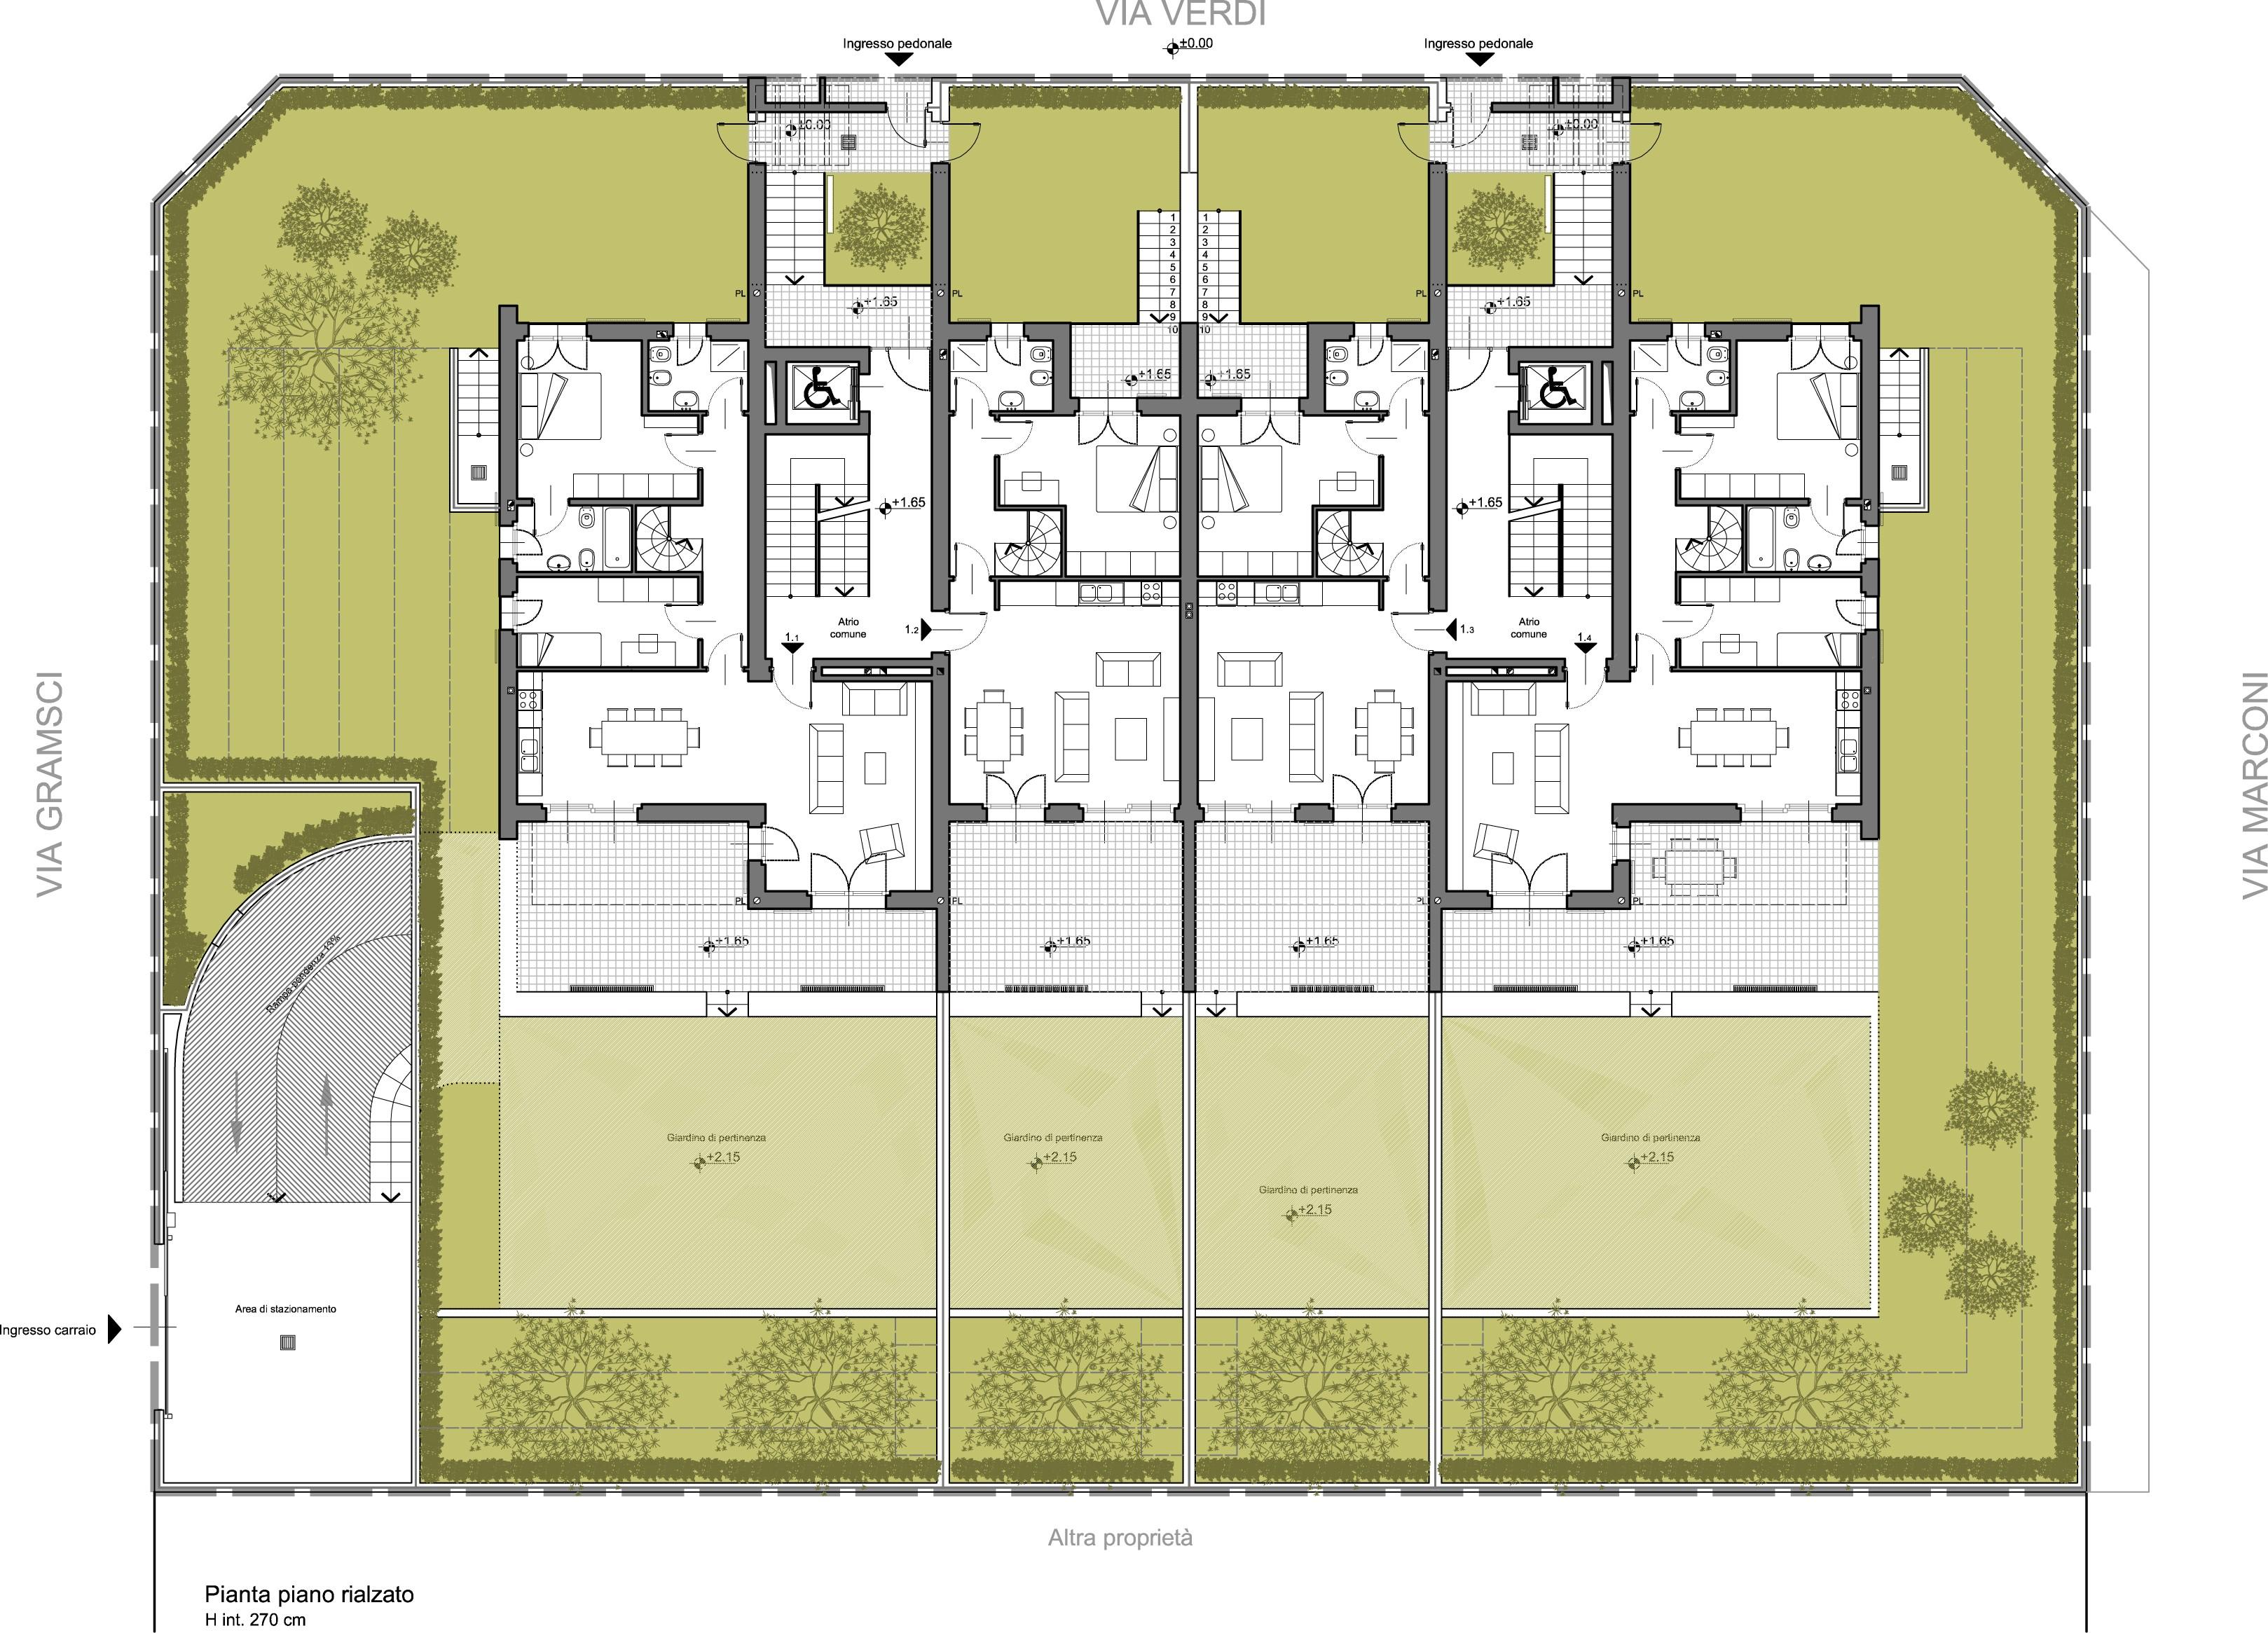 Edificio residenziale a rodano milano arch studio for Piano di costruzione dell edificio